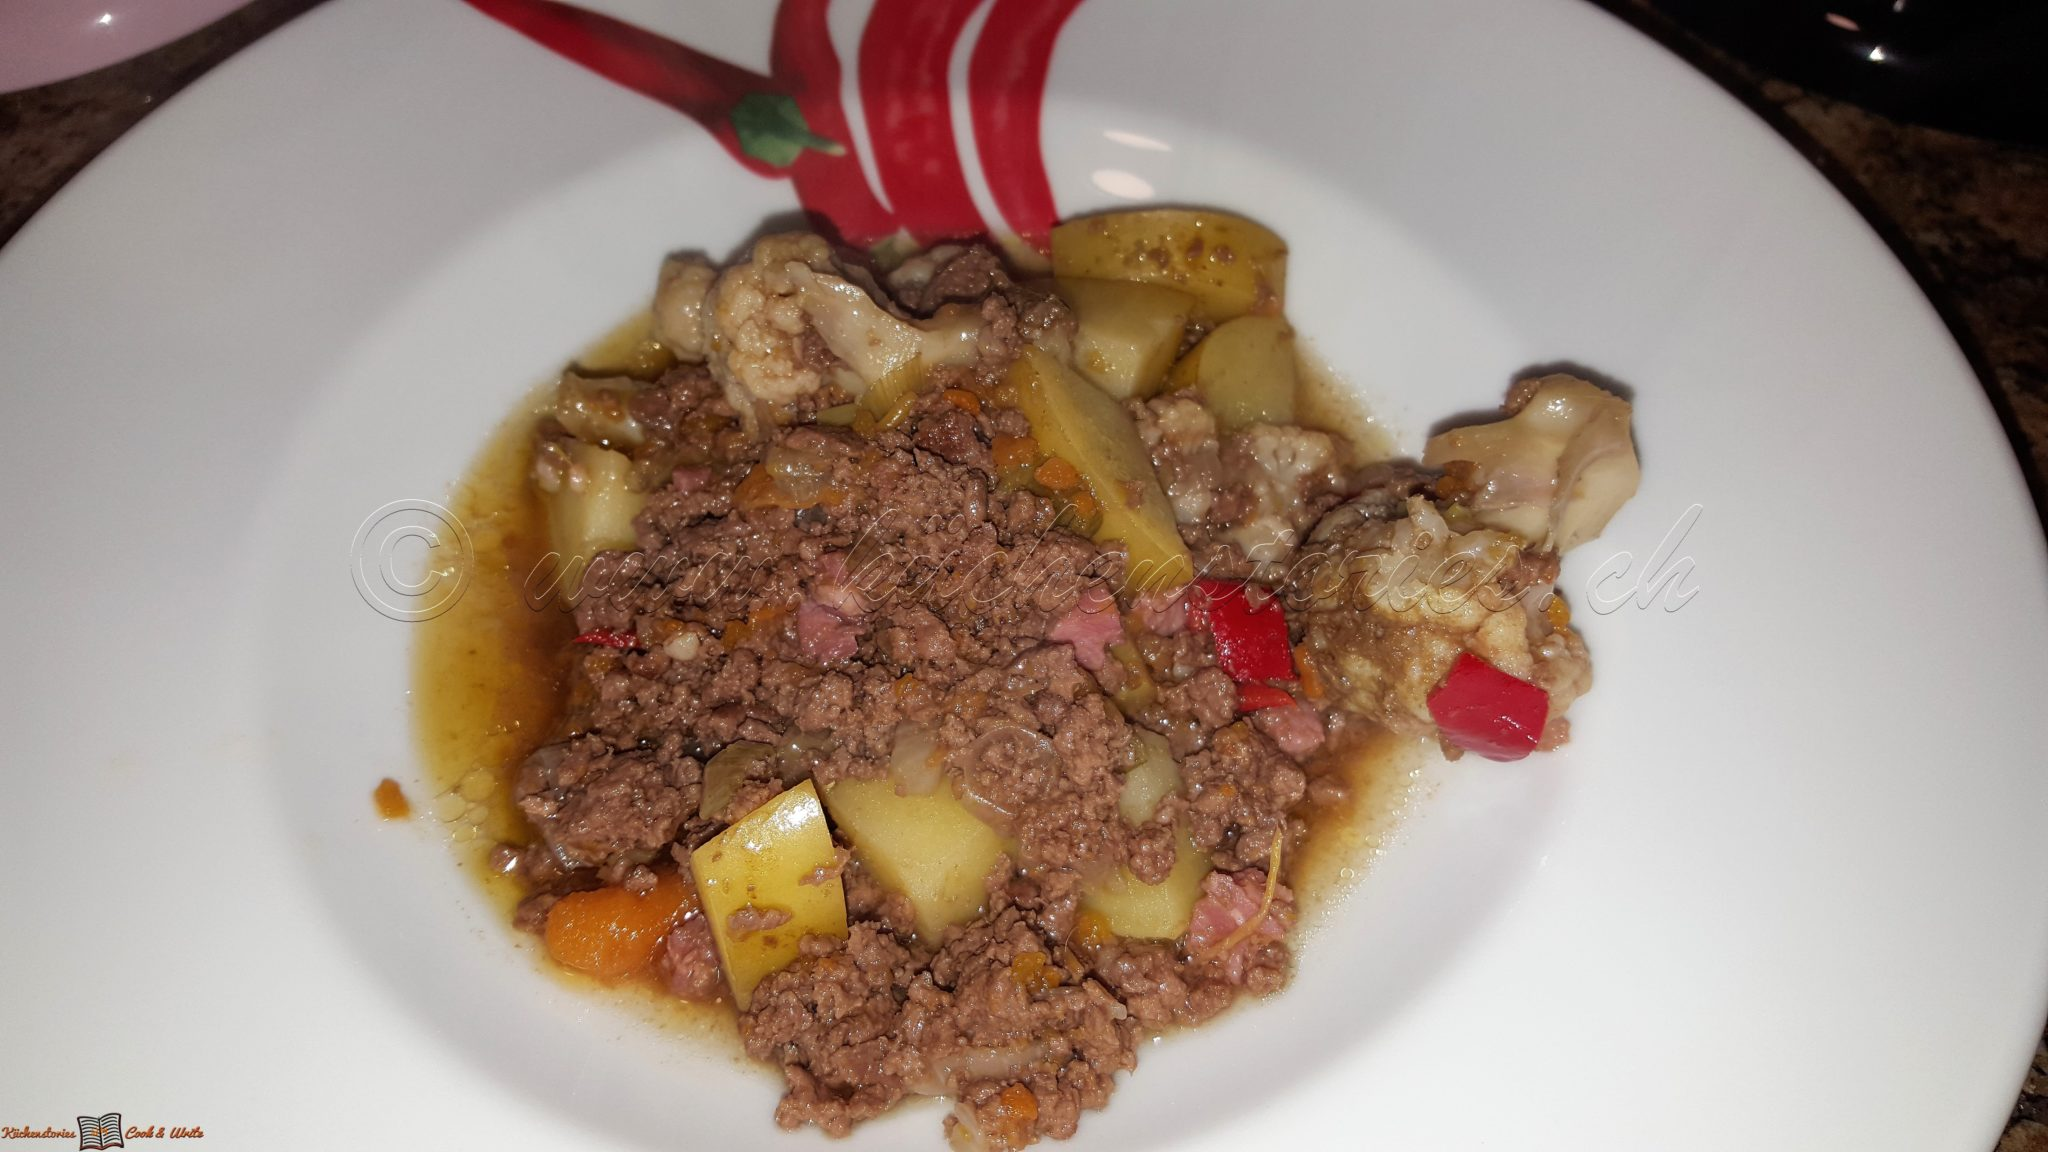 Hackfleischeintopf mit Kartoffeln und Gemüse